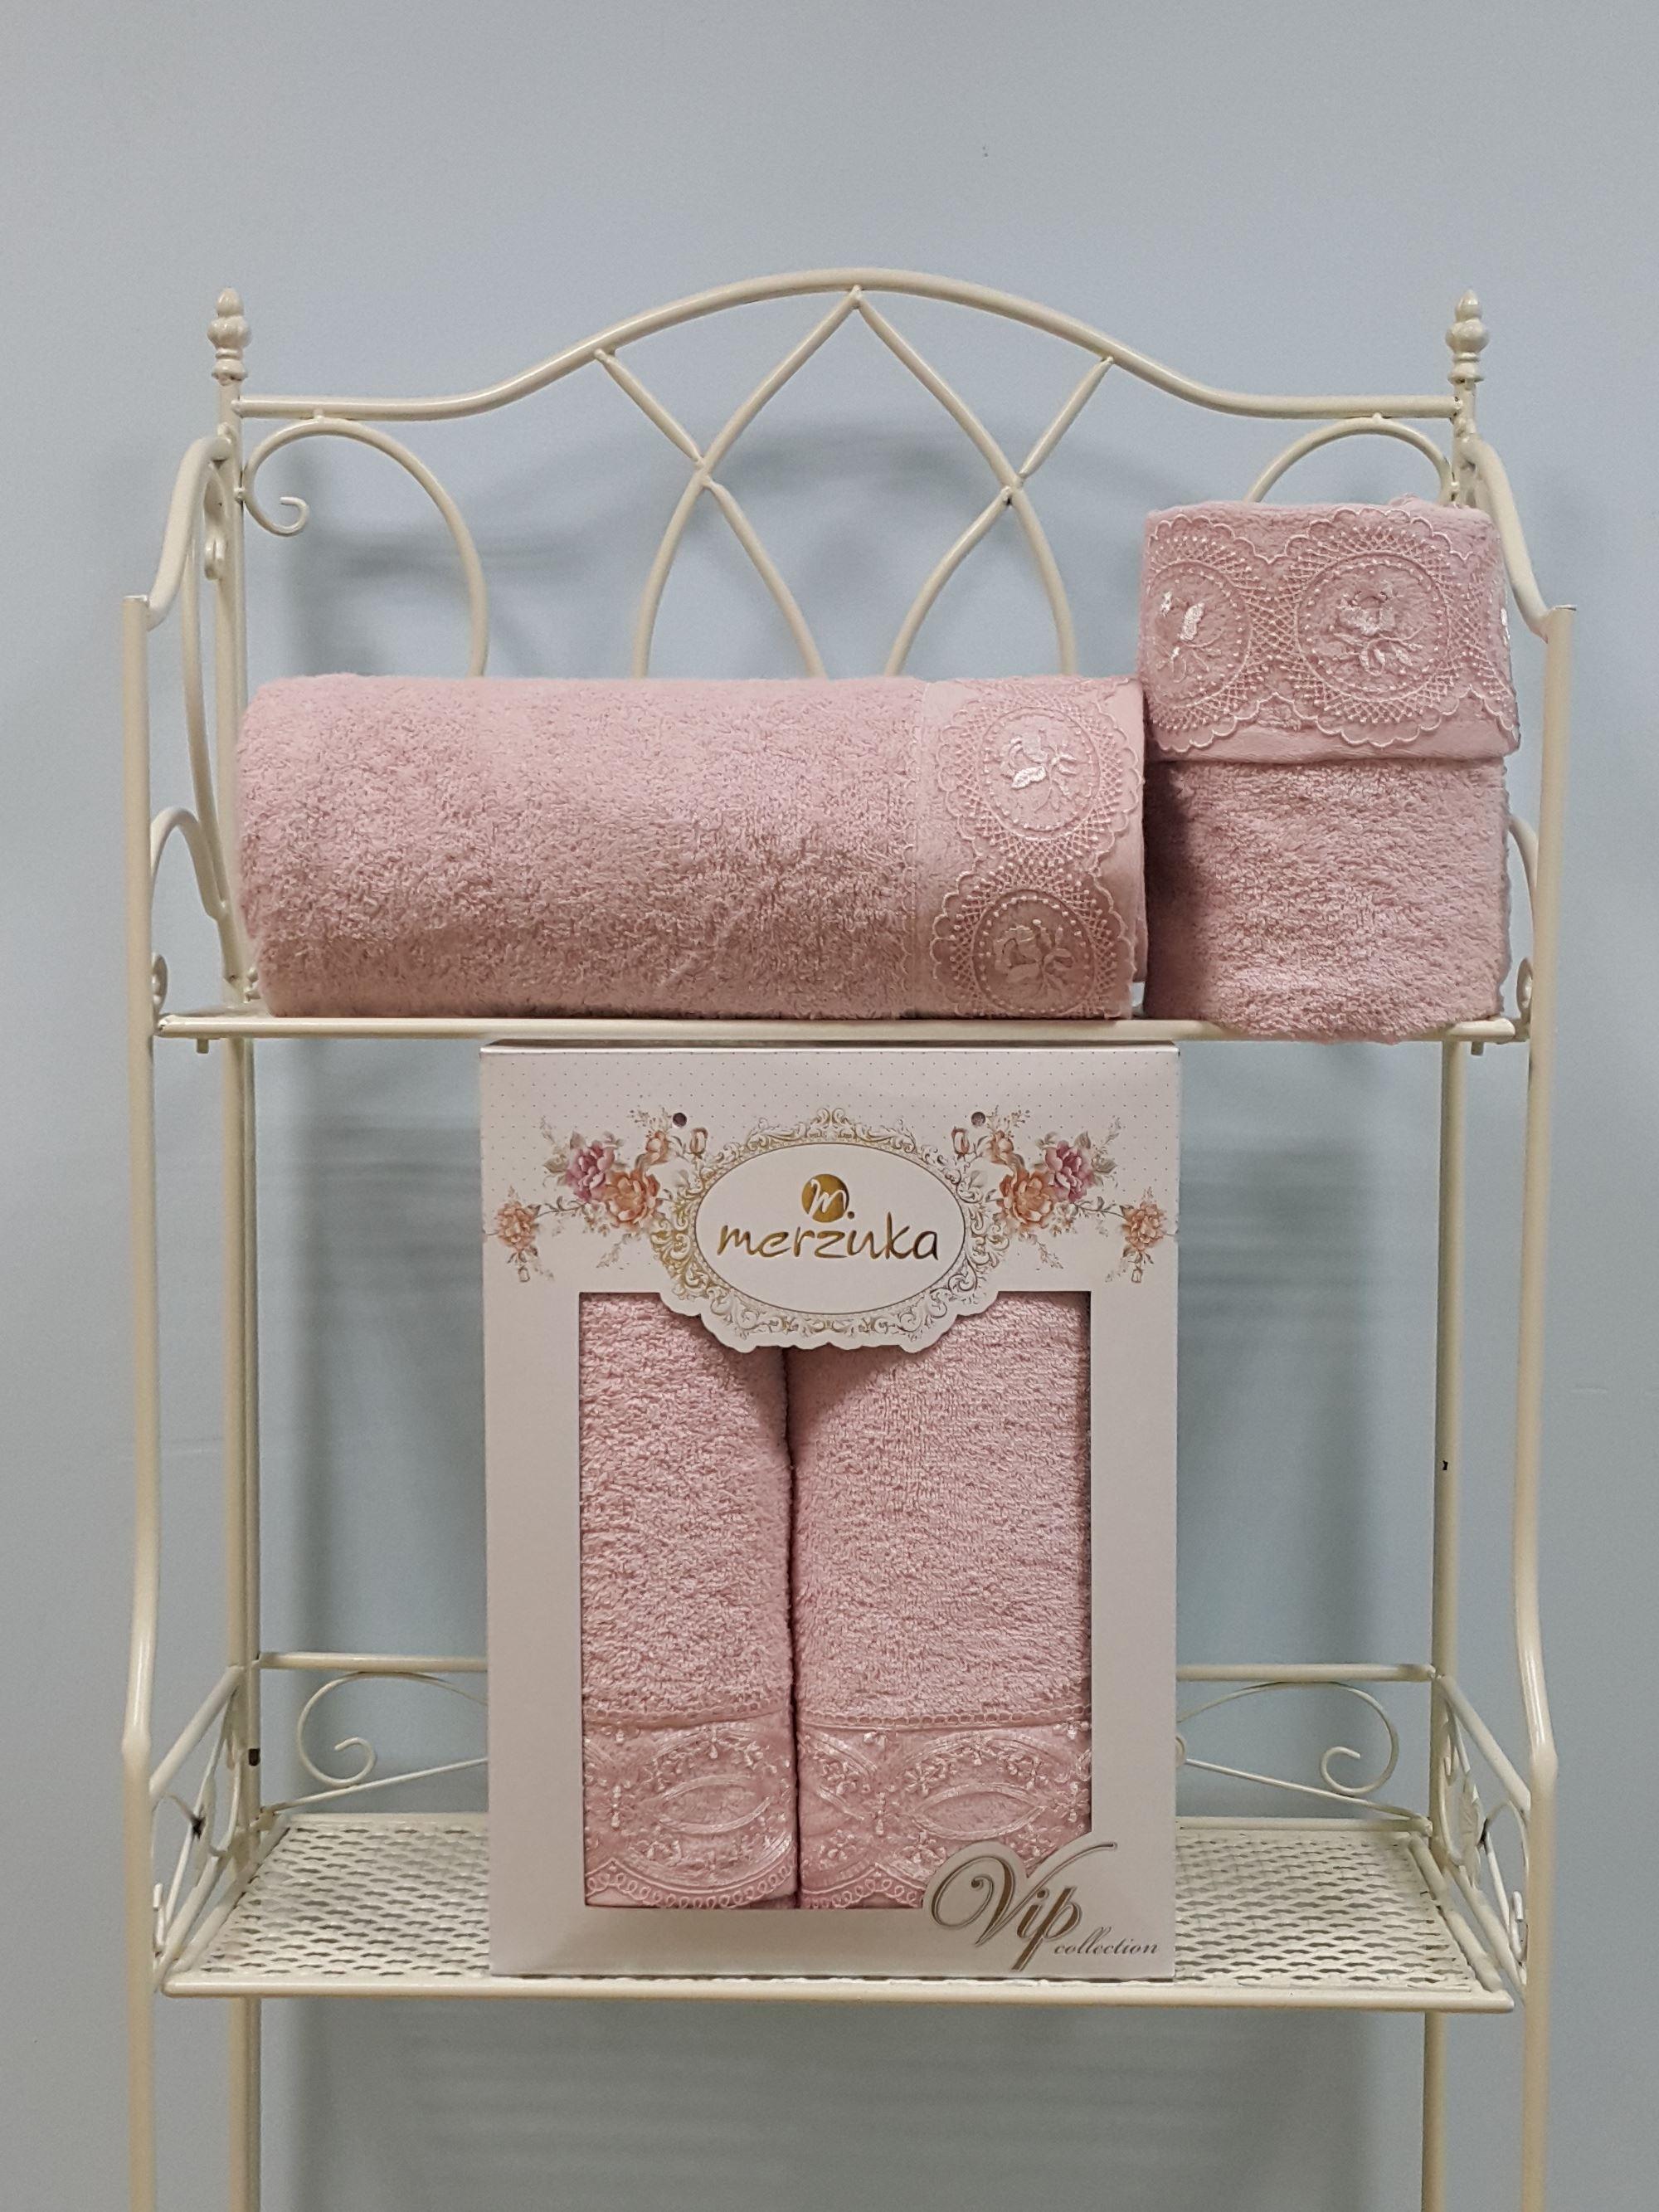 Полотенца Oran Merzuka Набор из 2 полотенец Elit Цвет: Розовый набор из 3 полотенец merzuka sakura 50х90 2 70х140 8432 розовый